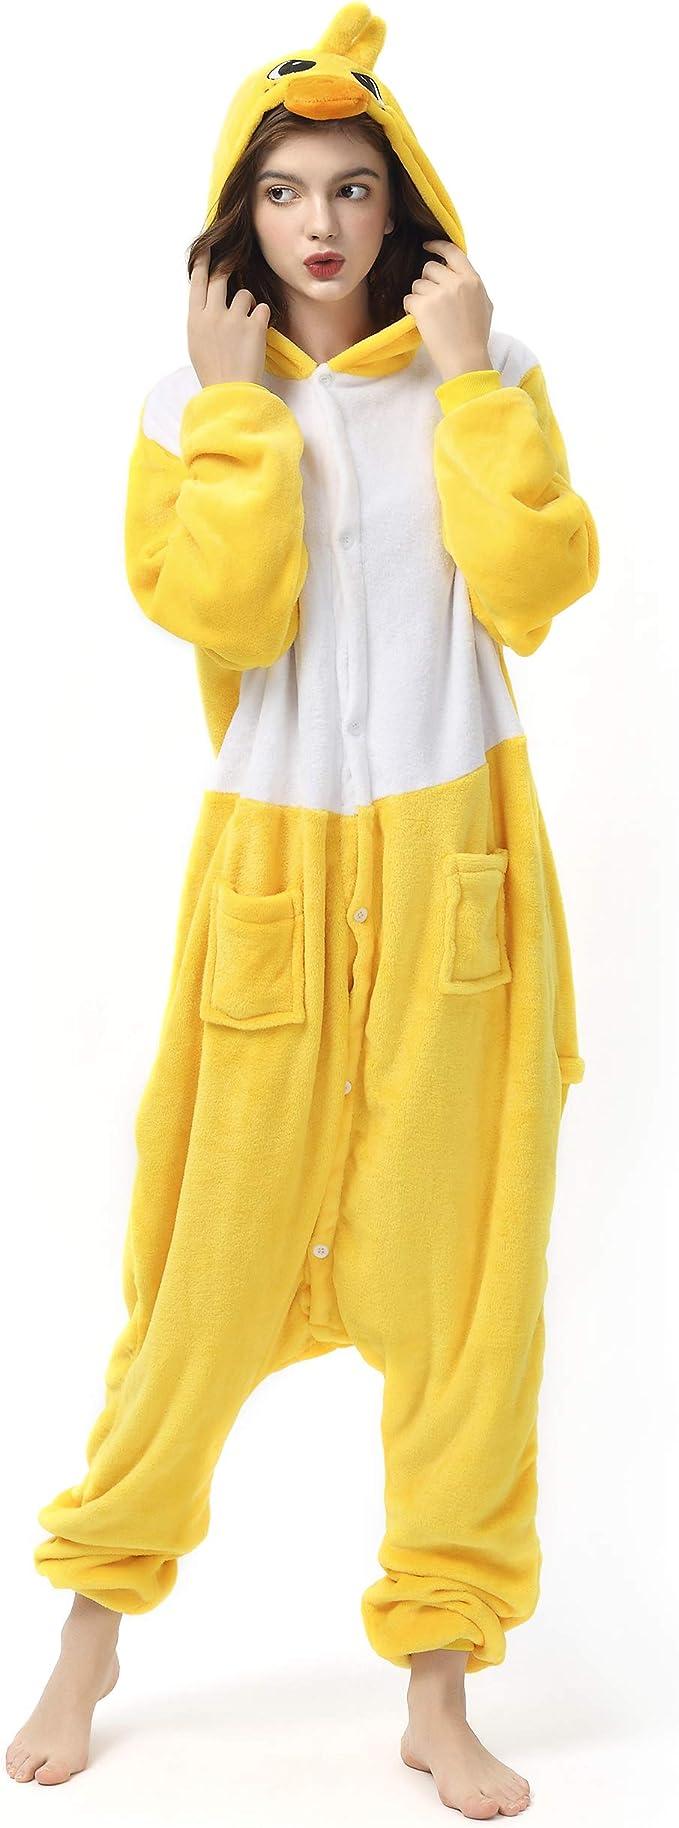 Katara- Pijamas Enteros Diferentes Animales y Tamaños, Adultos Unisex, Color Pato Amarillo, Talla 165-175cm (1744)